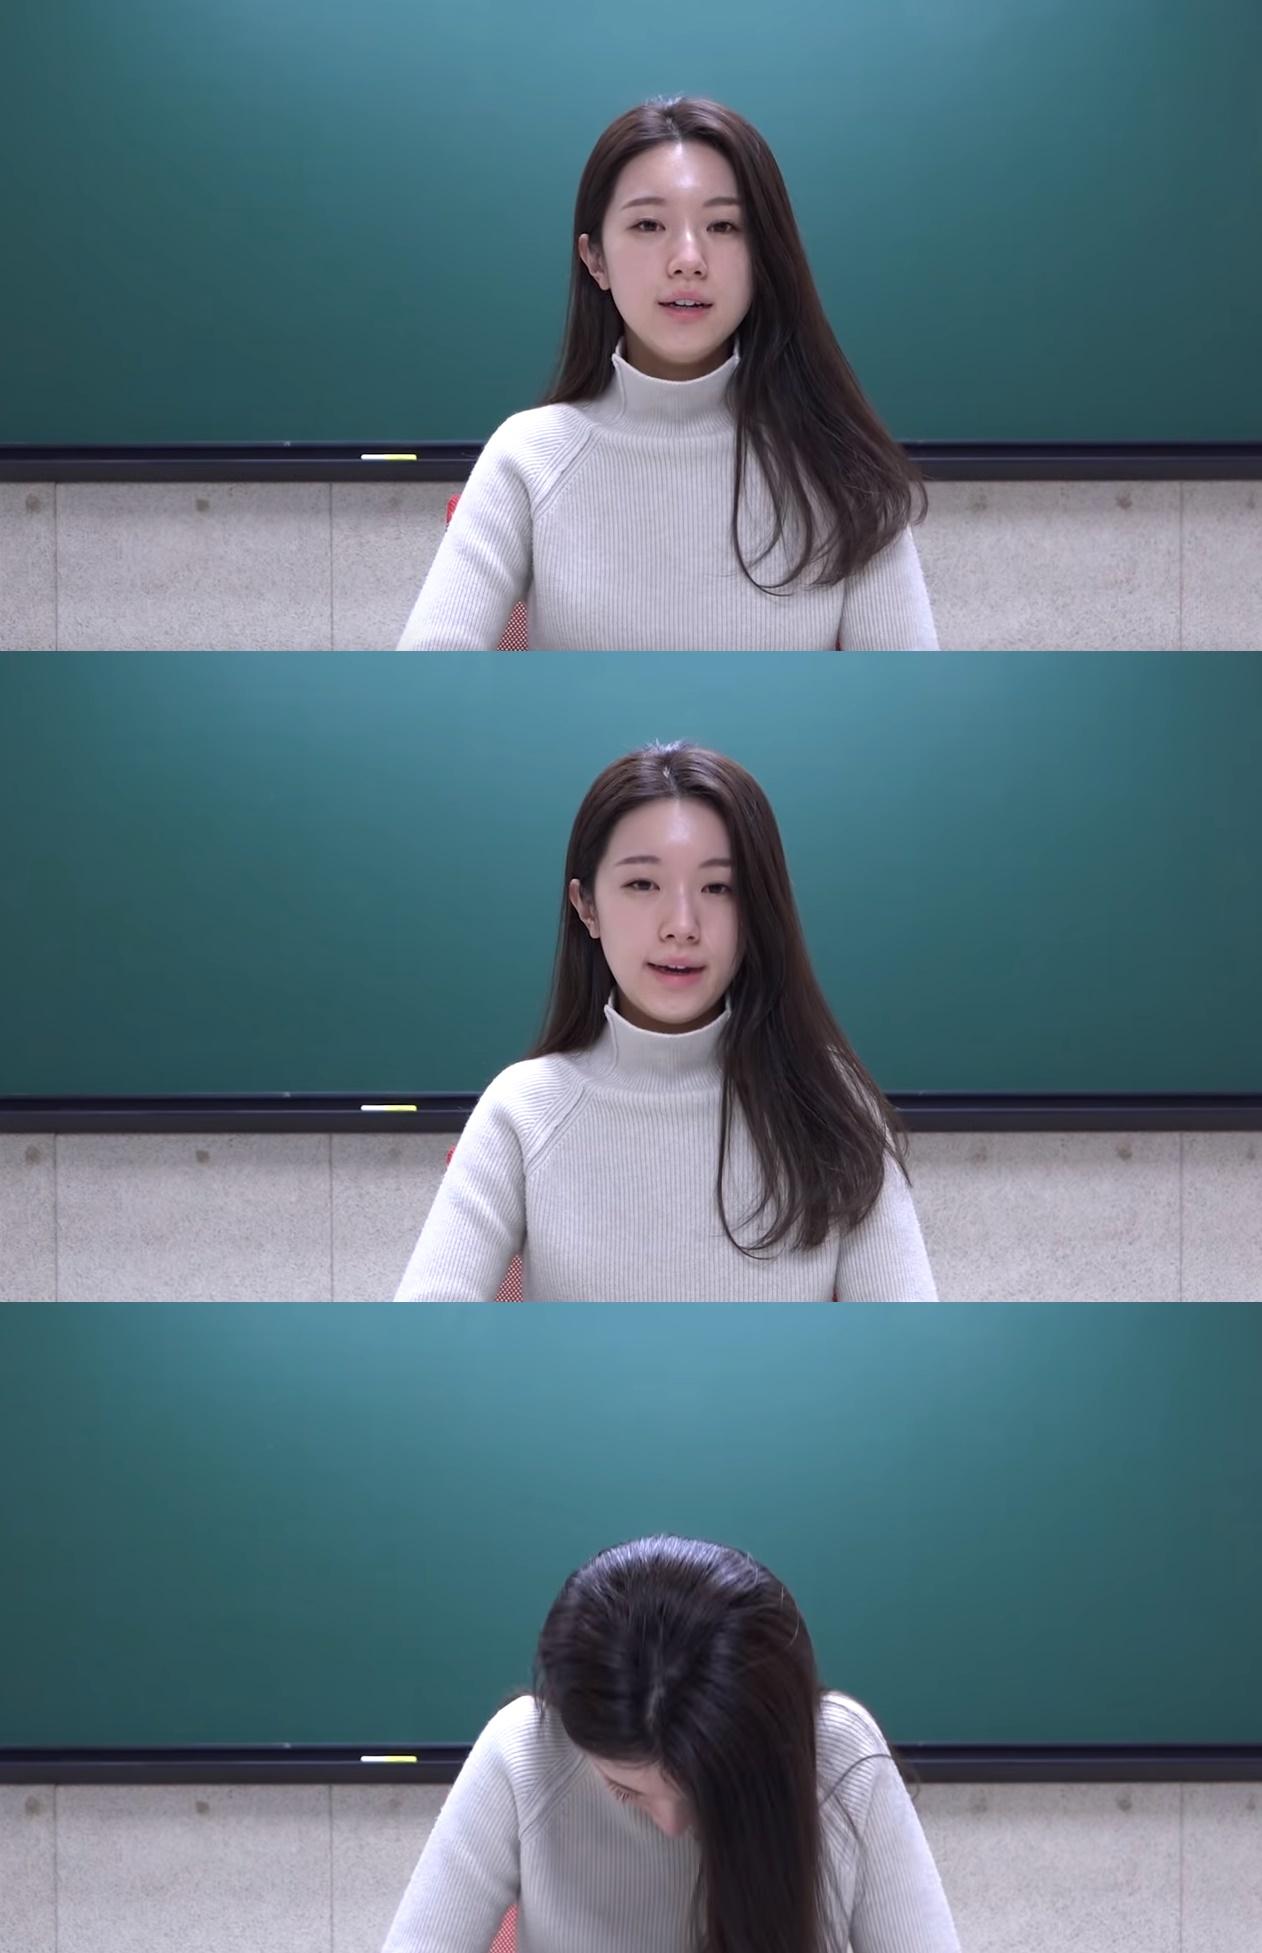 주예지, 인스타 비공개+사과+'배성재의 텐' 취소→비난ing [종합]